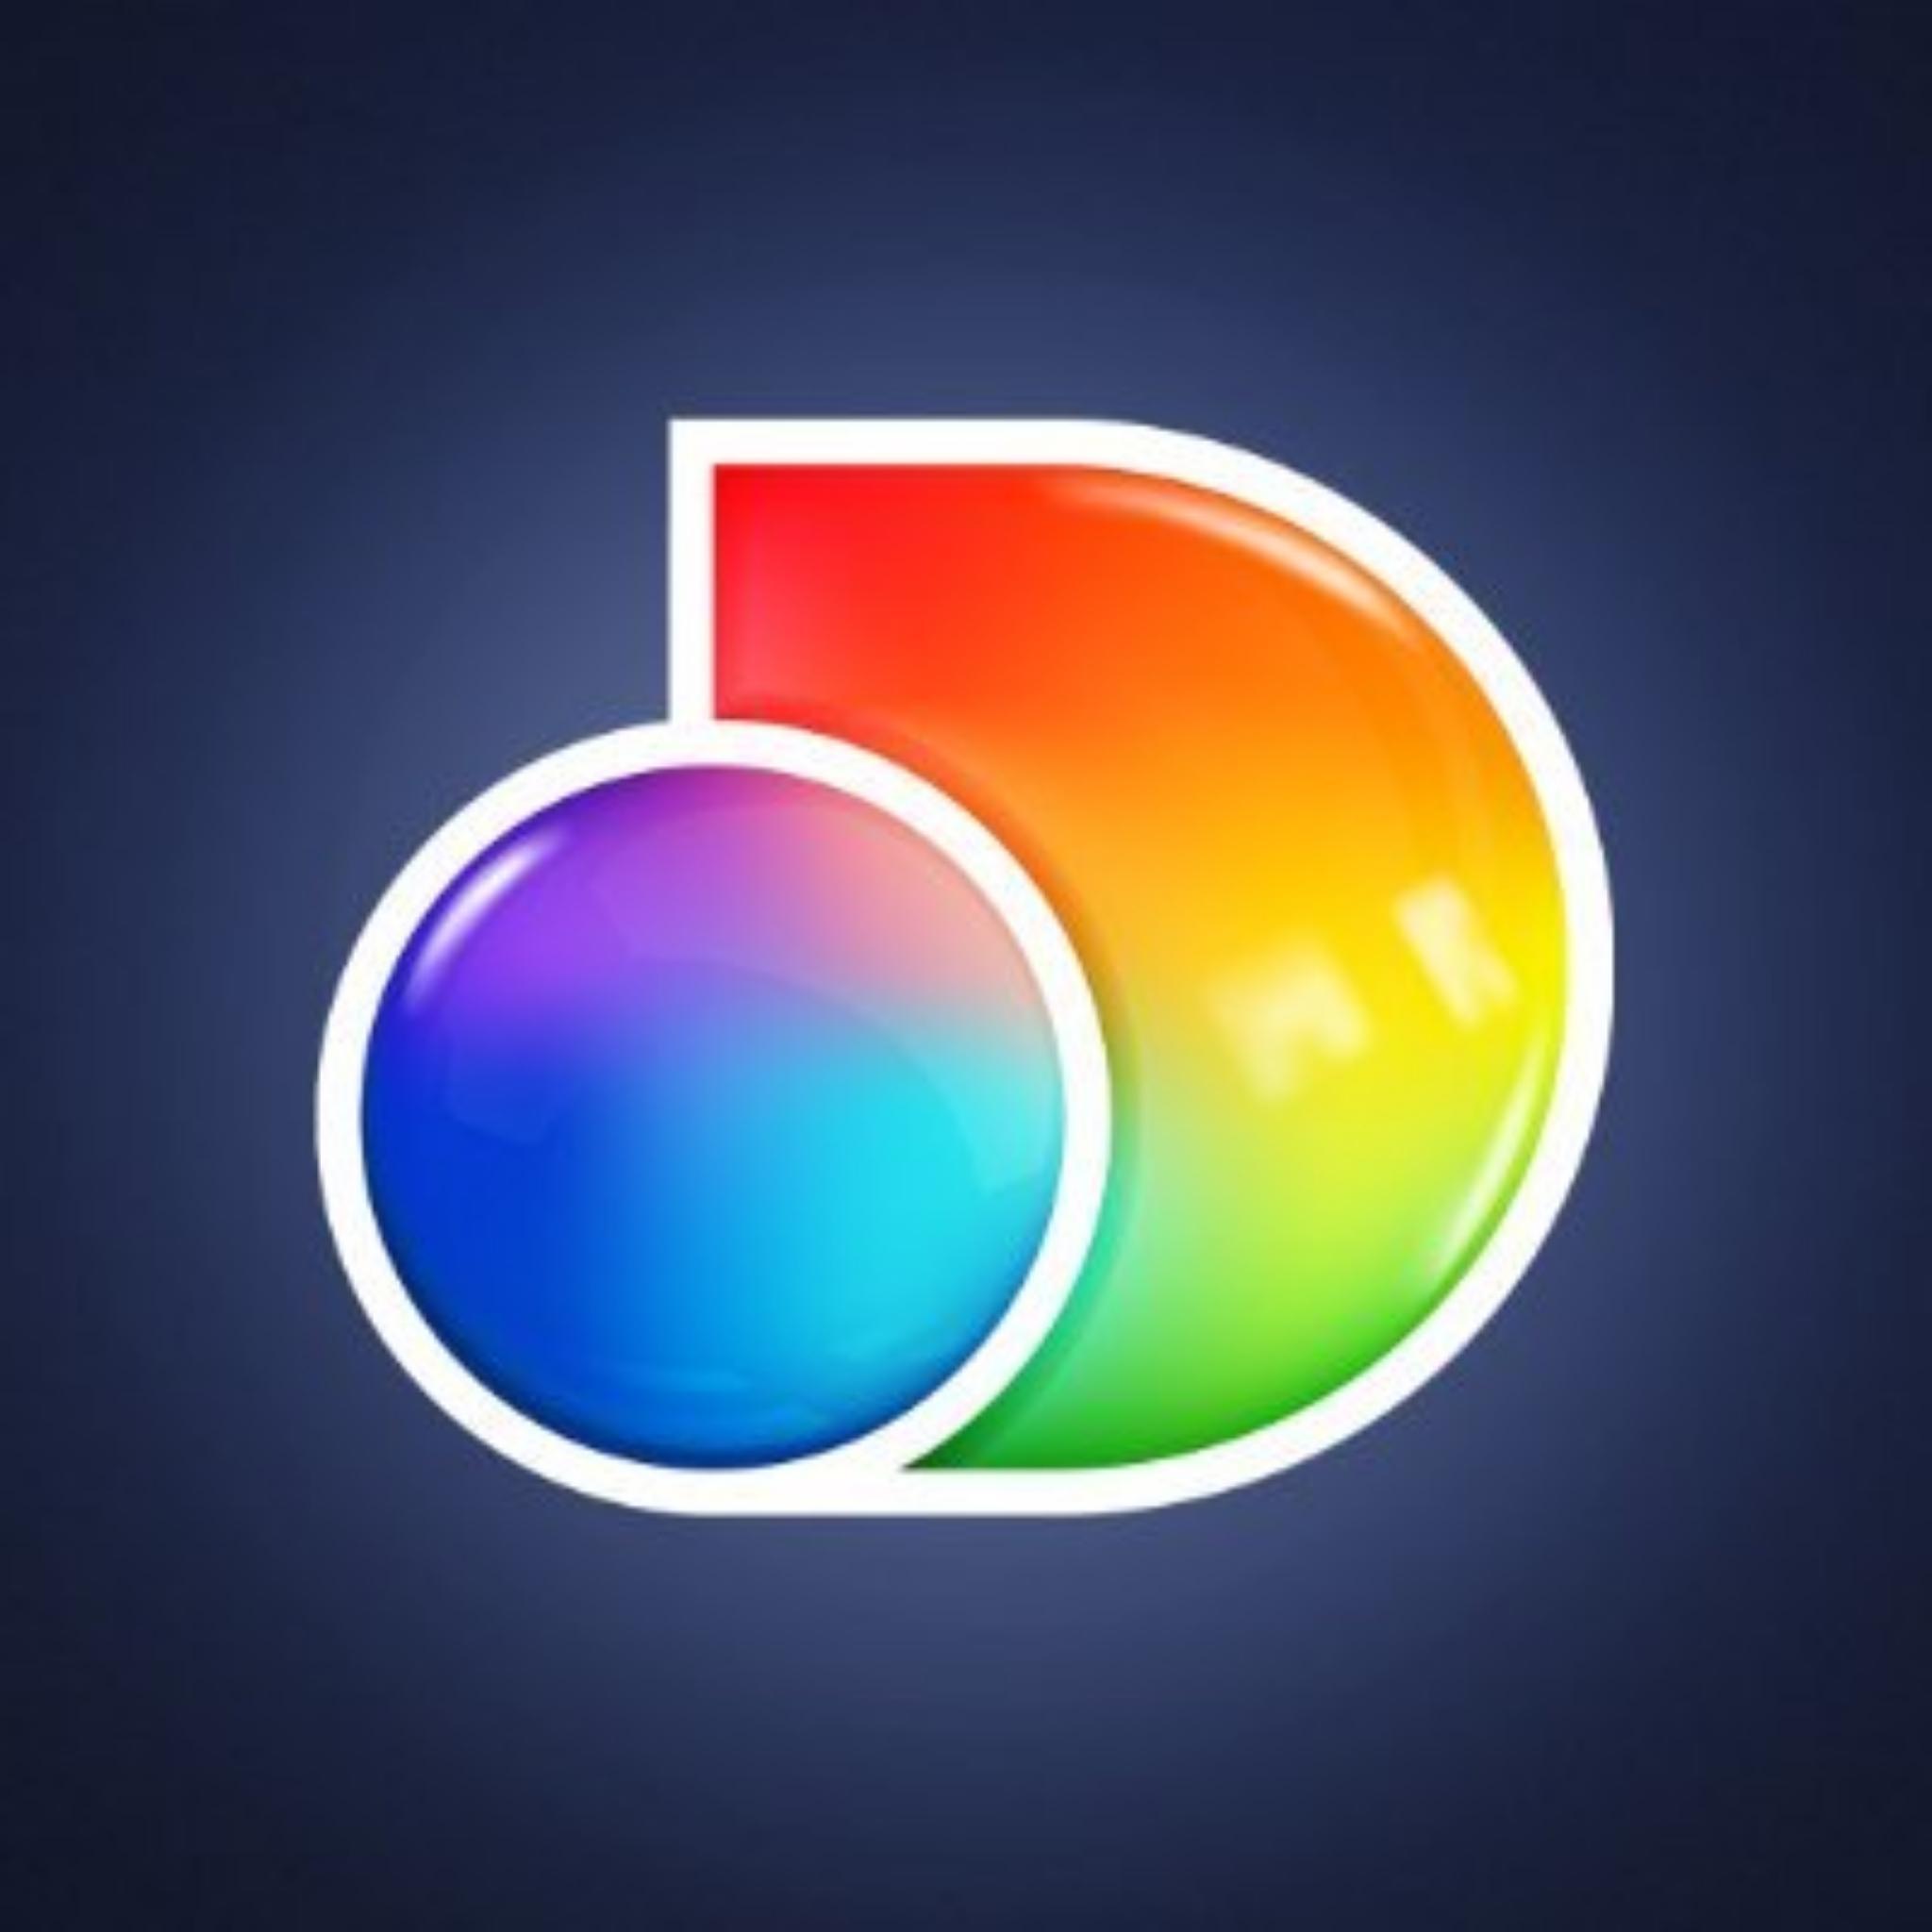 https://www.indiantelevision.com/sites/default/files/styles/smartcrop_800x800/public/images/tv-images/2021/07/21/photogrid_plus_1626869227707.jpg?itok=PDw09M6j